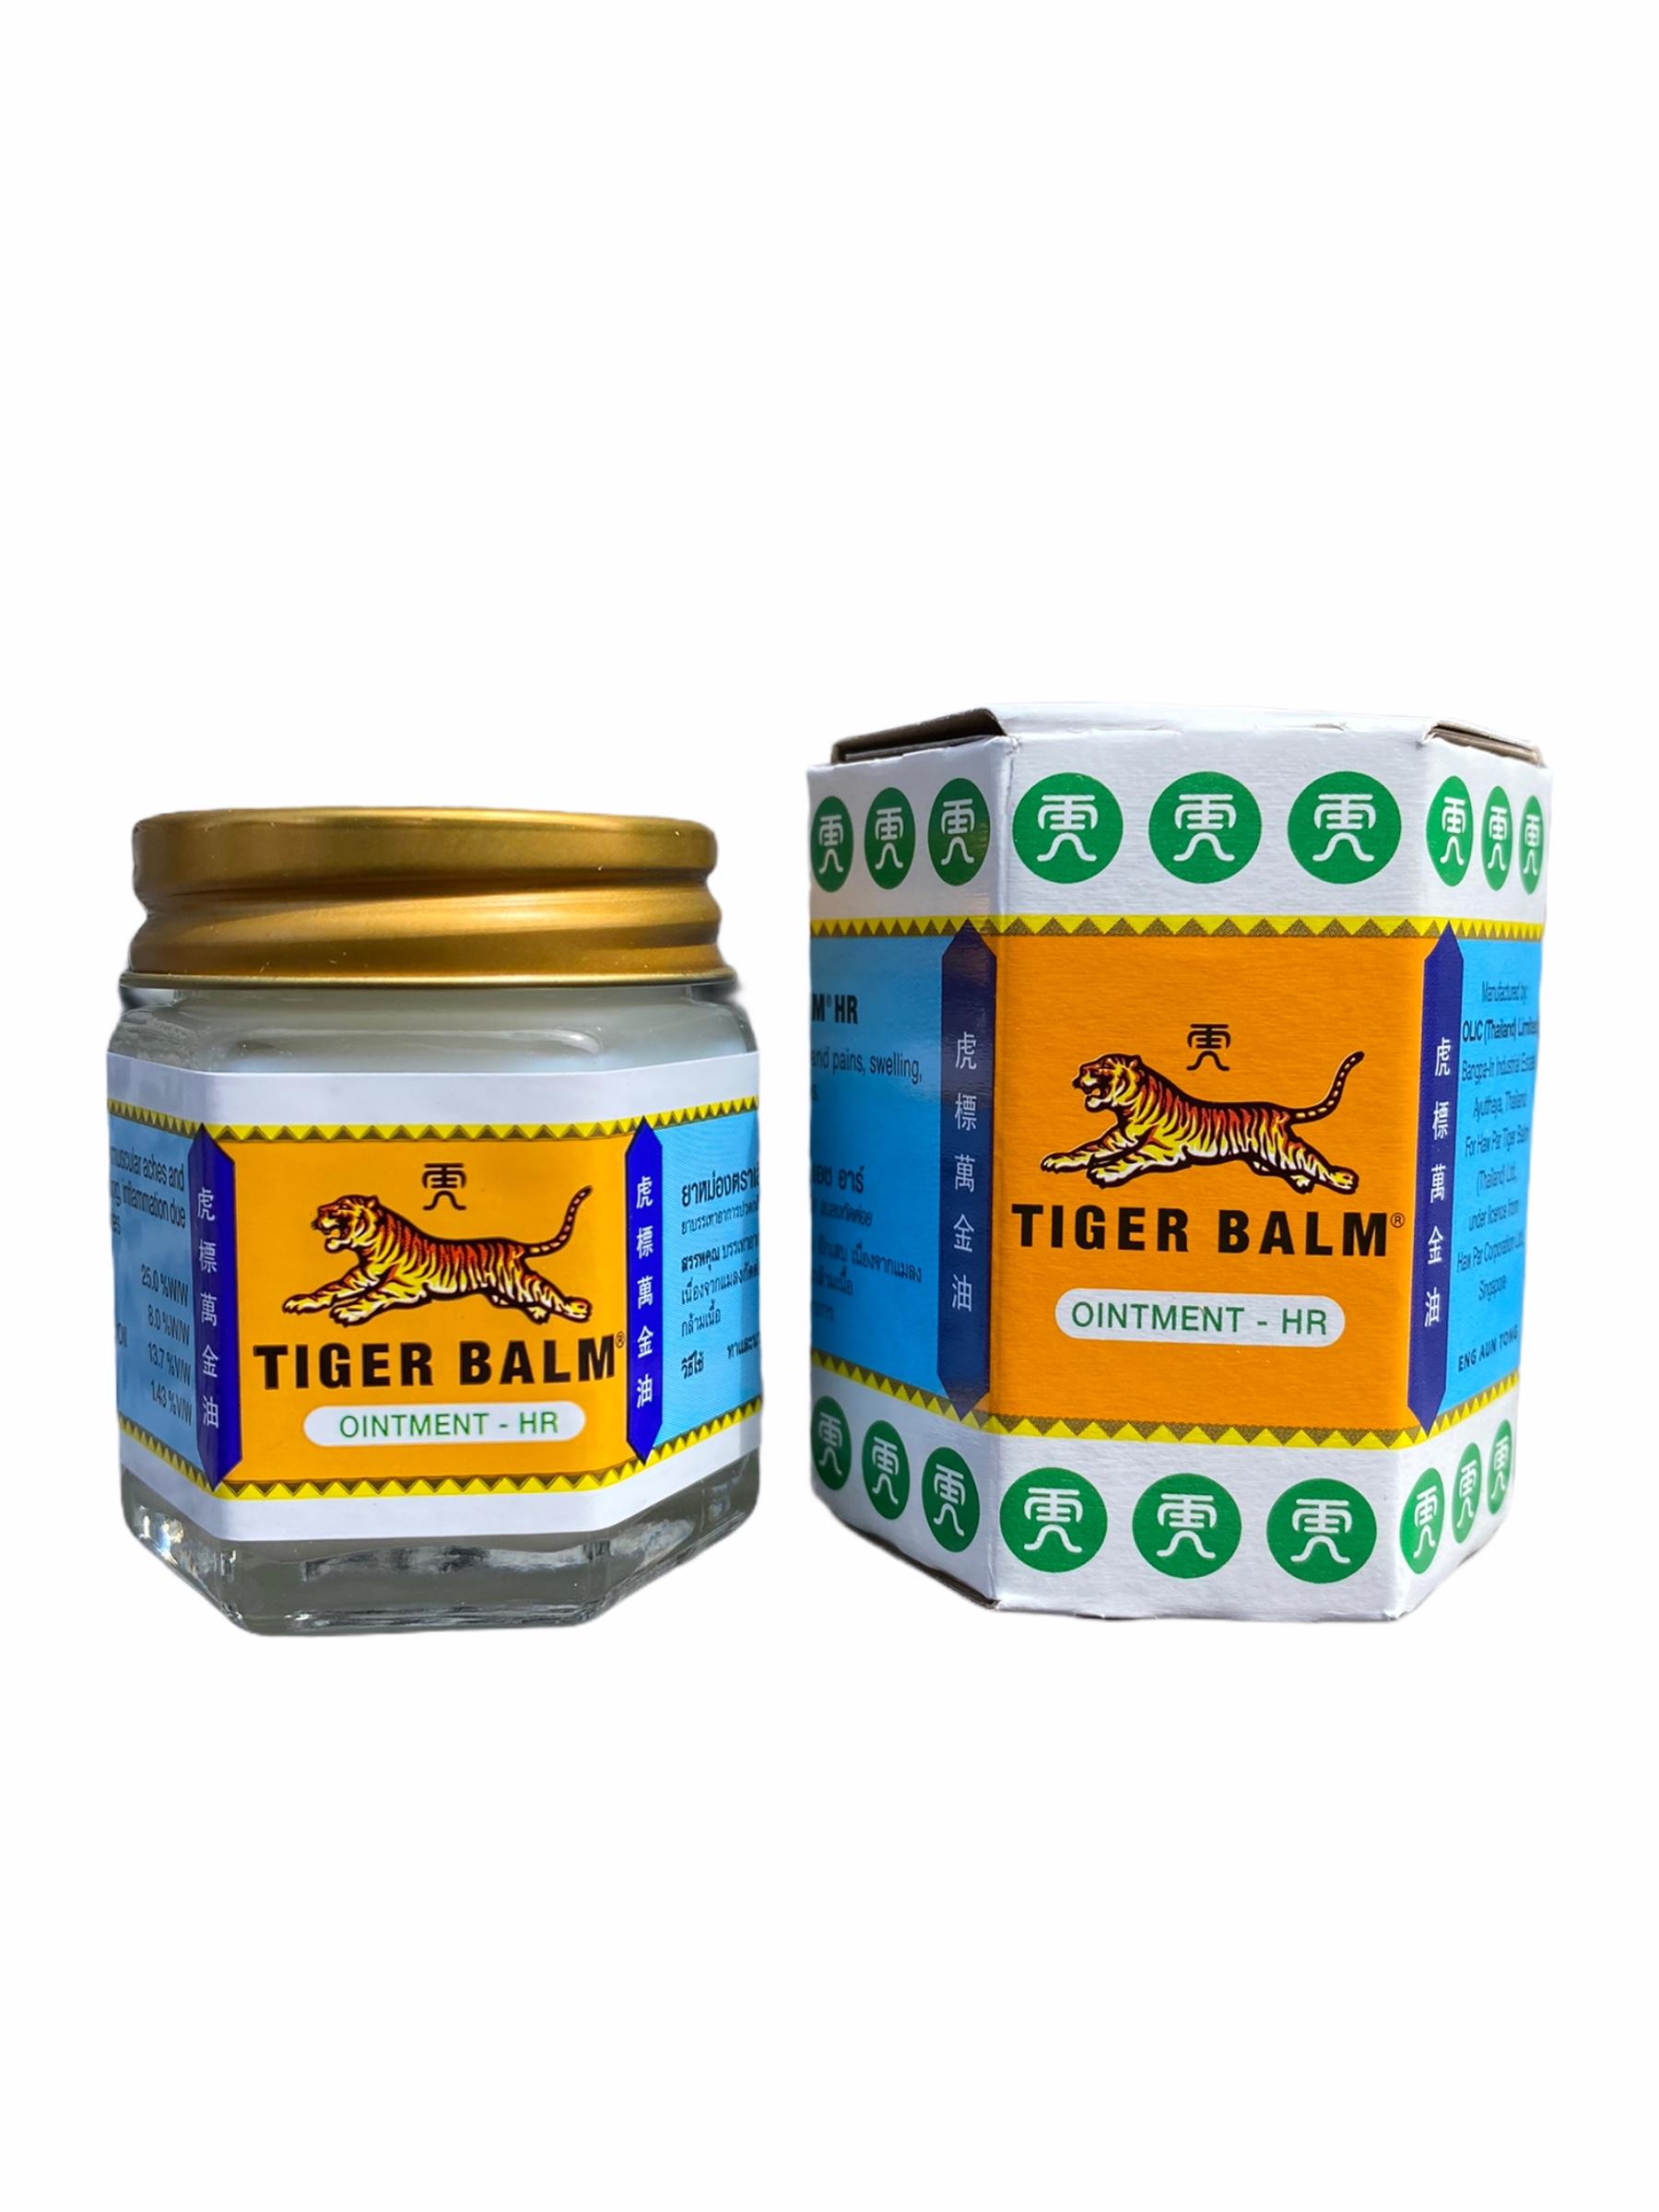 LeBaume du Tigre Blanc est une crème de massage utilisée pour les maux de tête, la congestion nasale et les piqûres d'insectes.